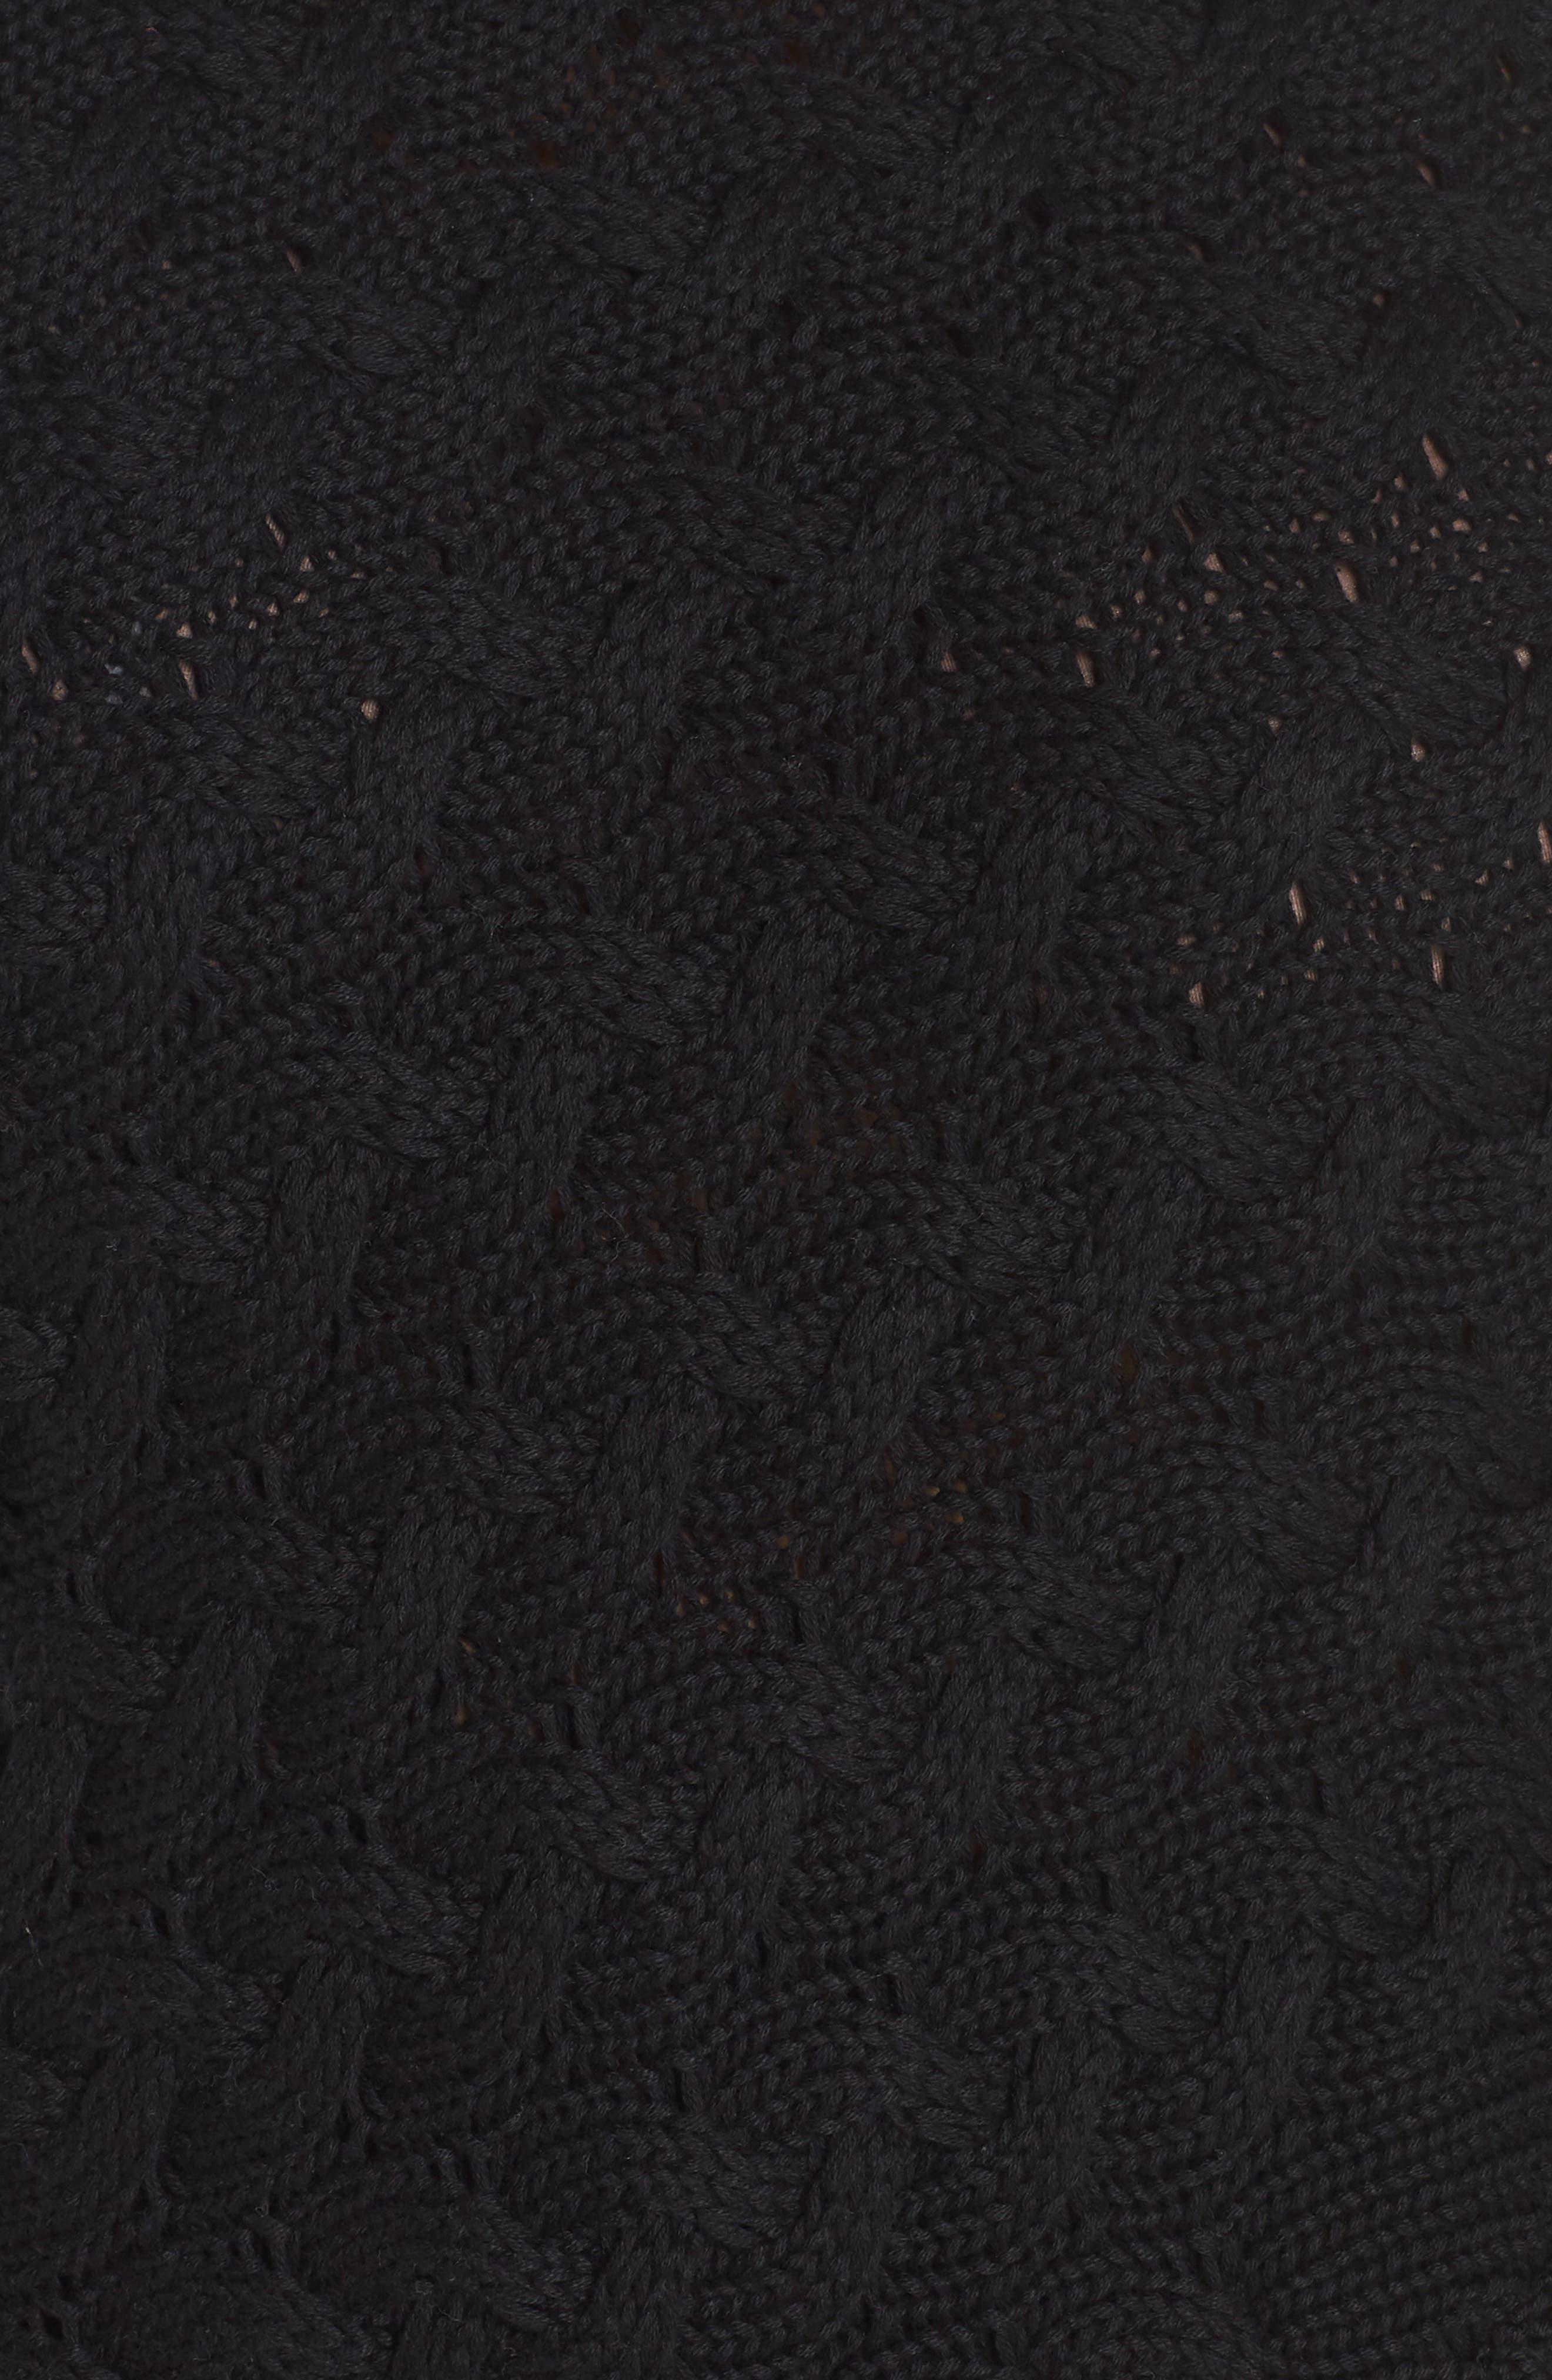 Contrast Trim Cable Sweater,                             Alternate thumbnail 5, color,                             RICH BLACK